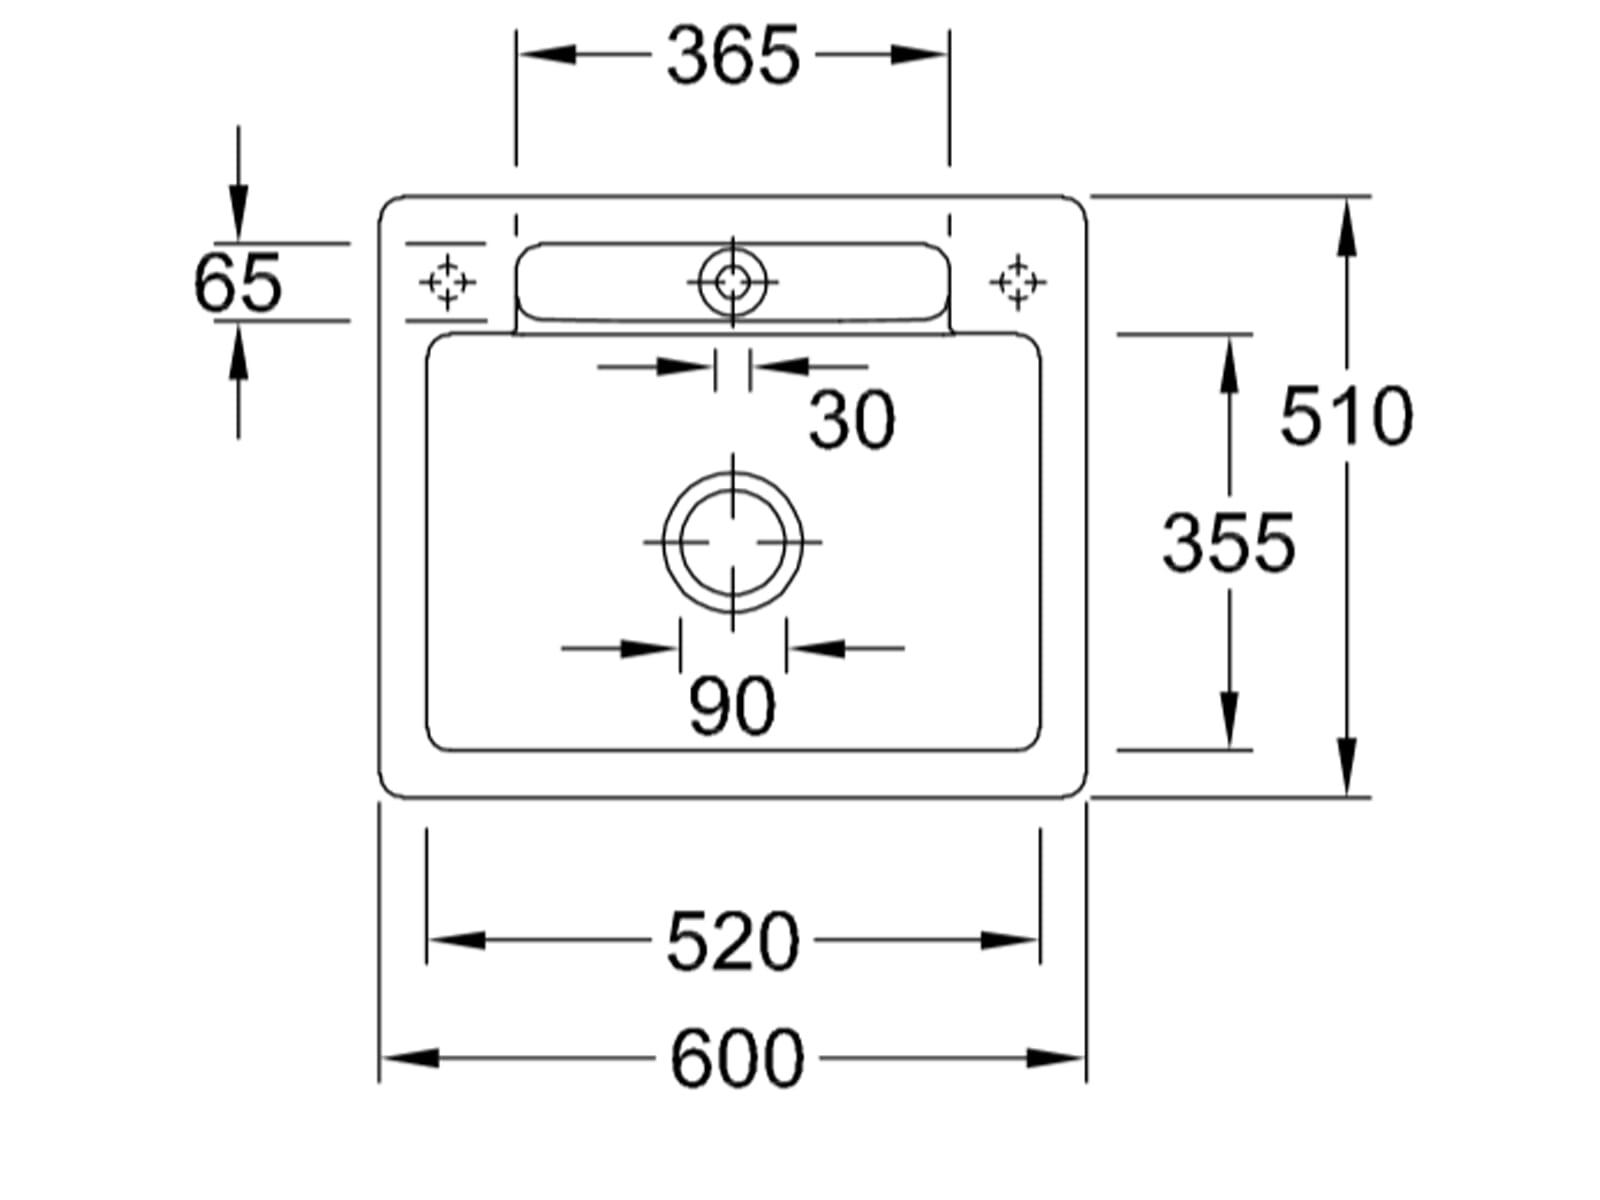 Villeroy & Boch Siluet 60 S Graphit – 3346 01 i4 Keramikspüle Handbetätigung